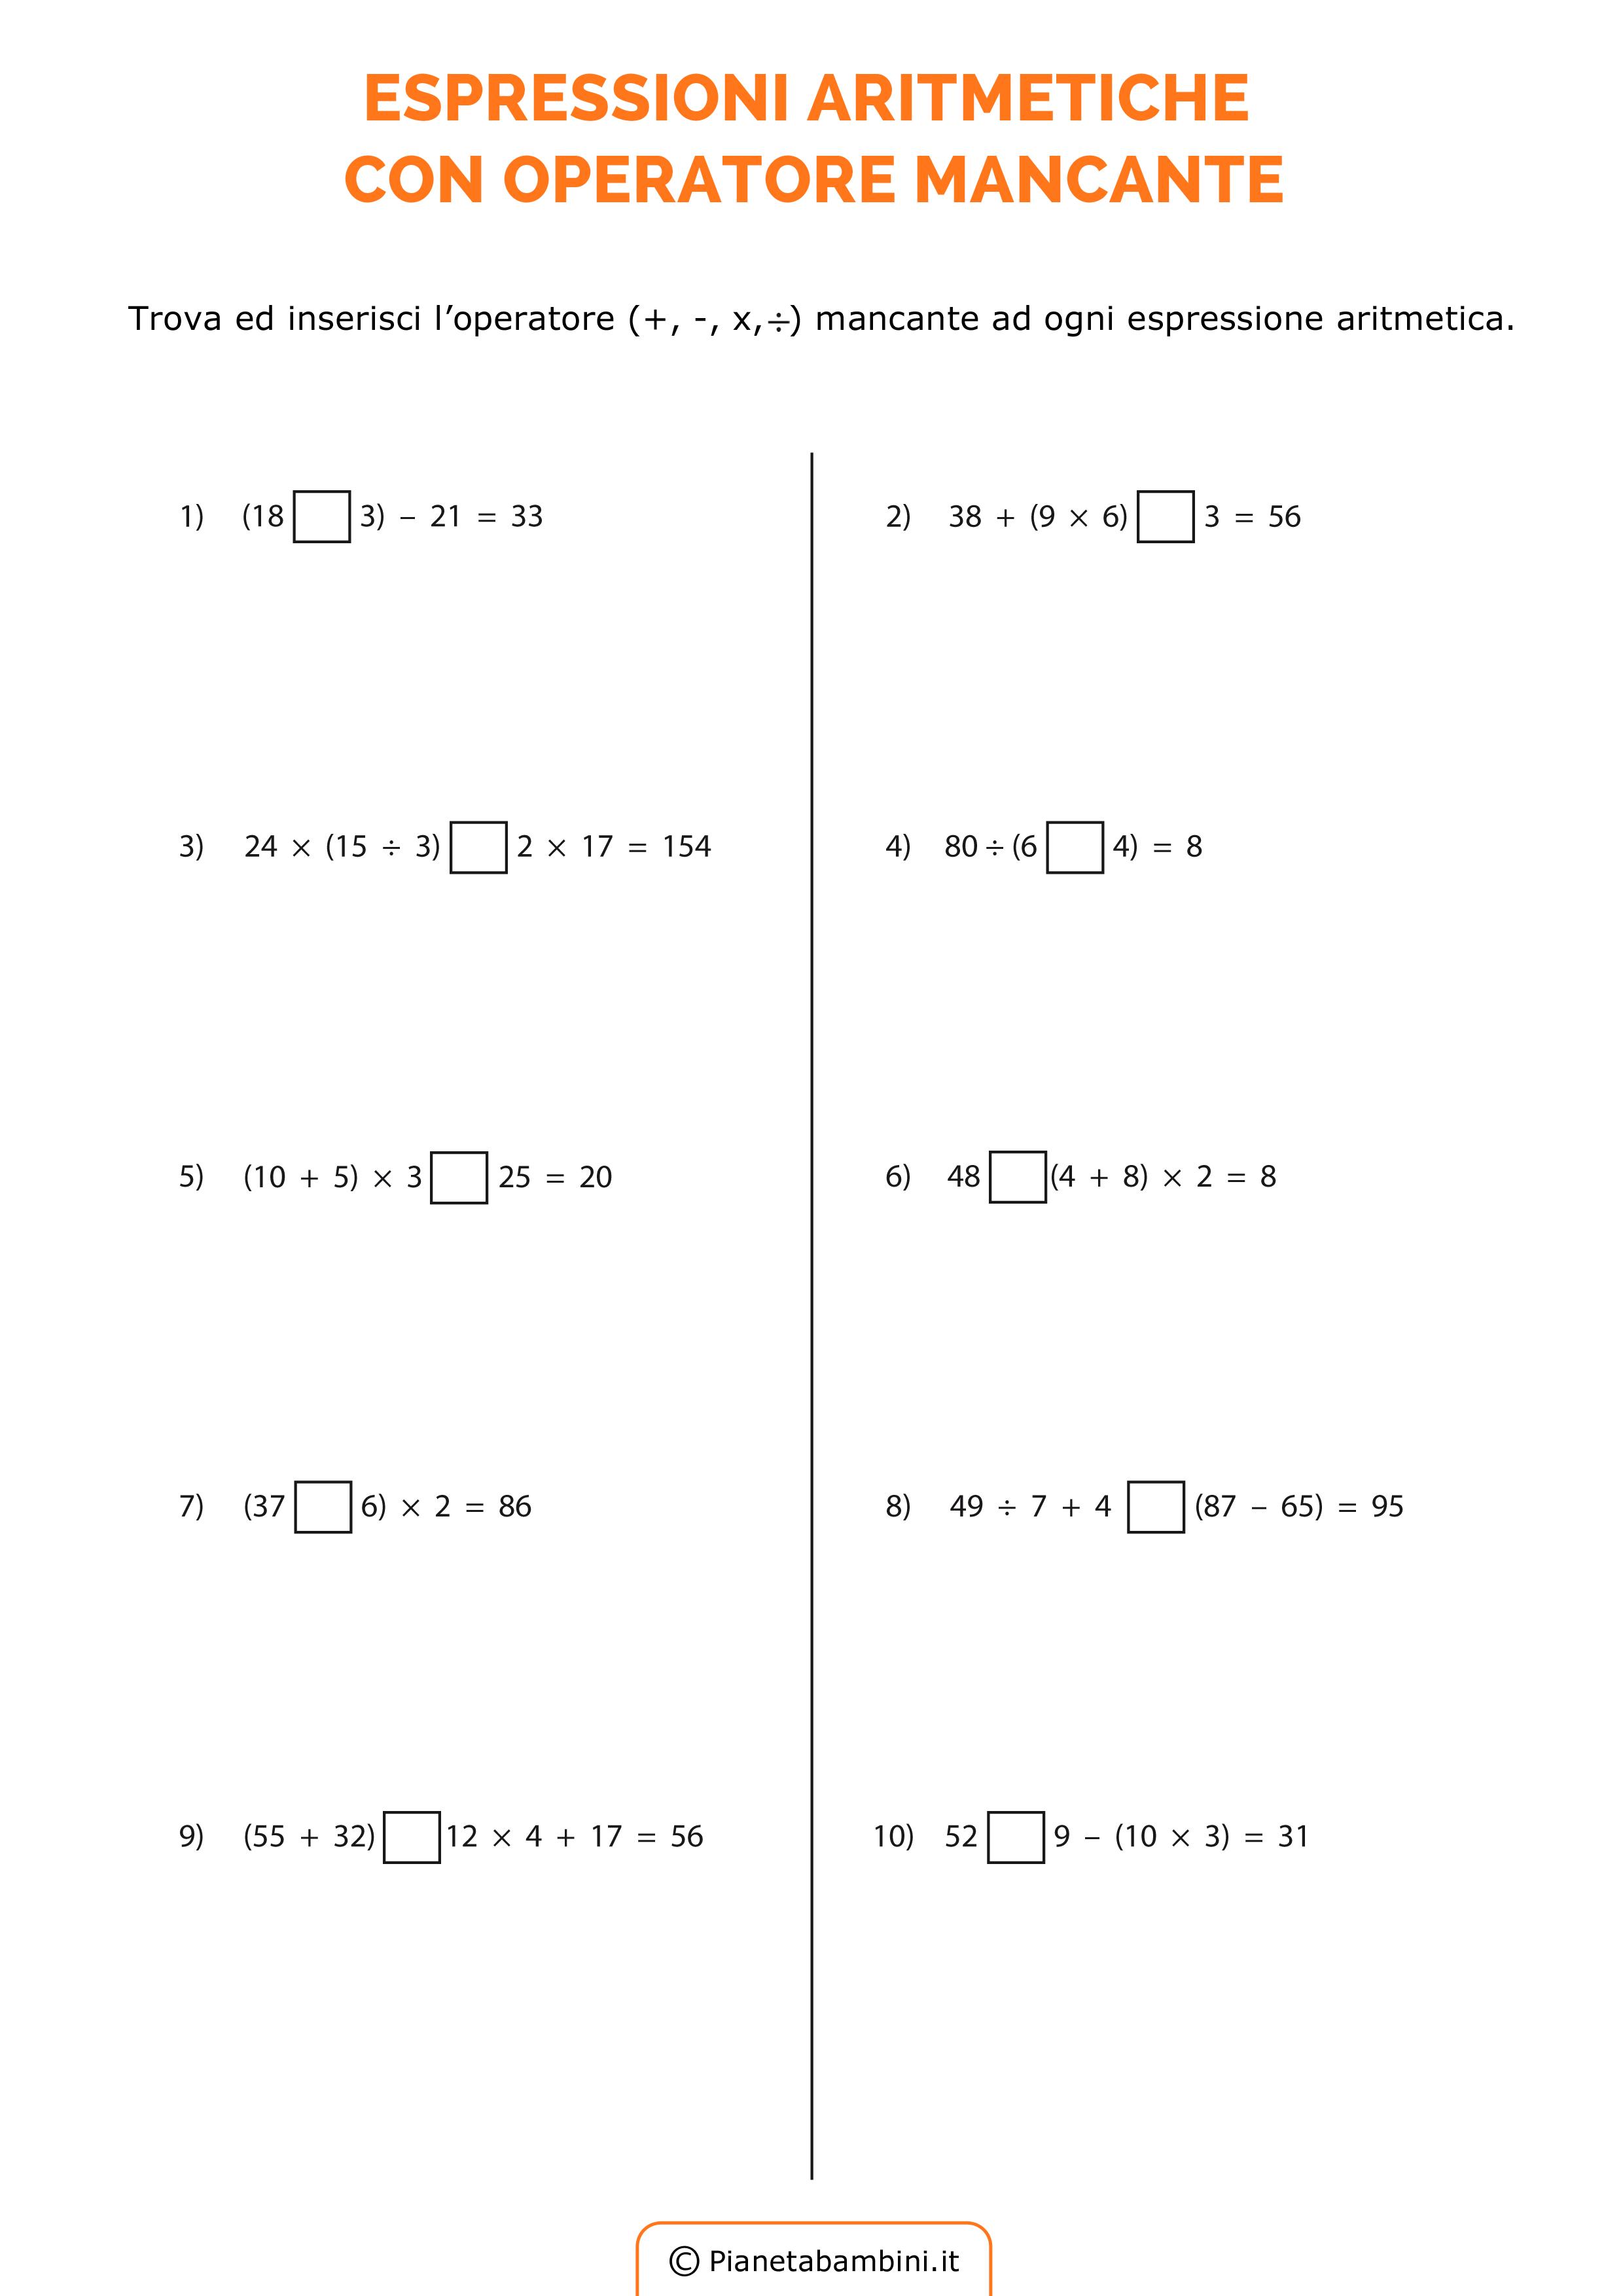 Esercizi-Espressioni-Operatore-Mancante_6